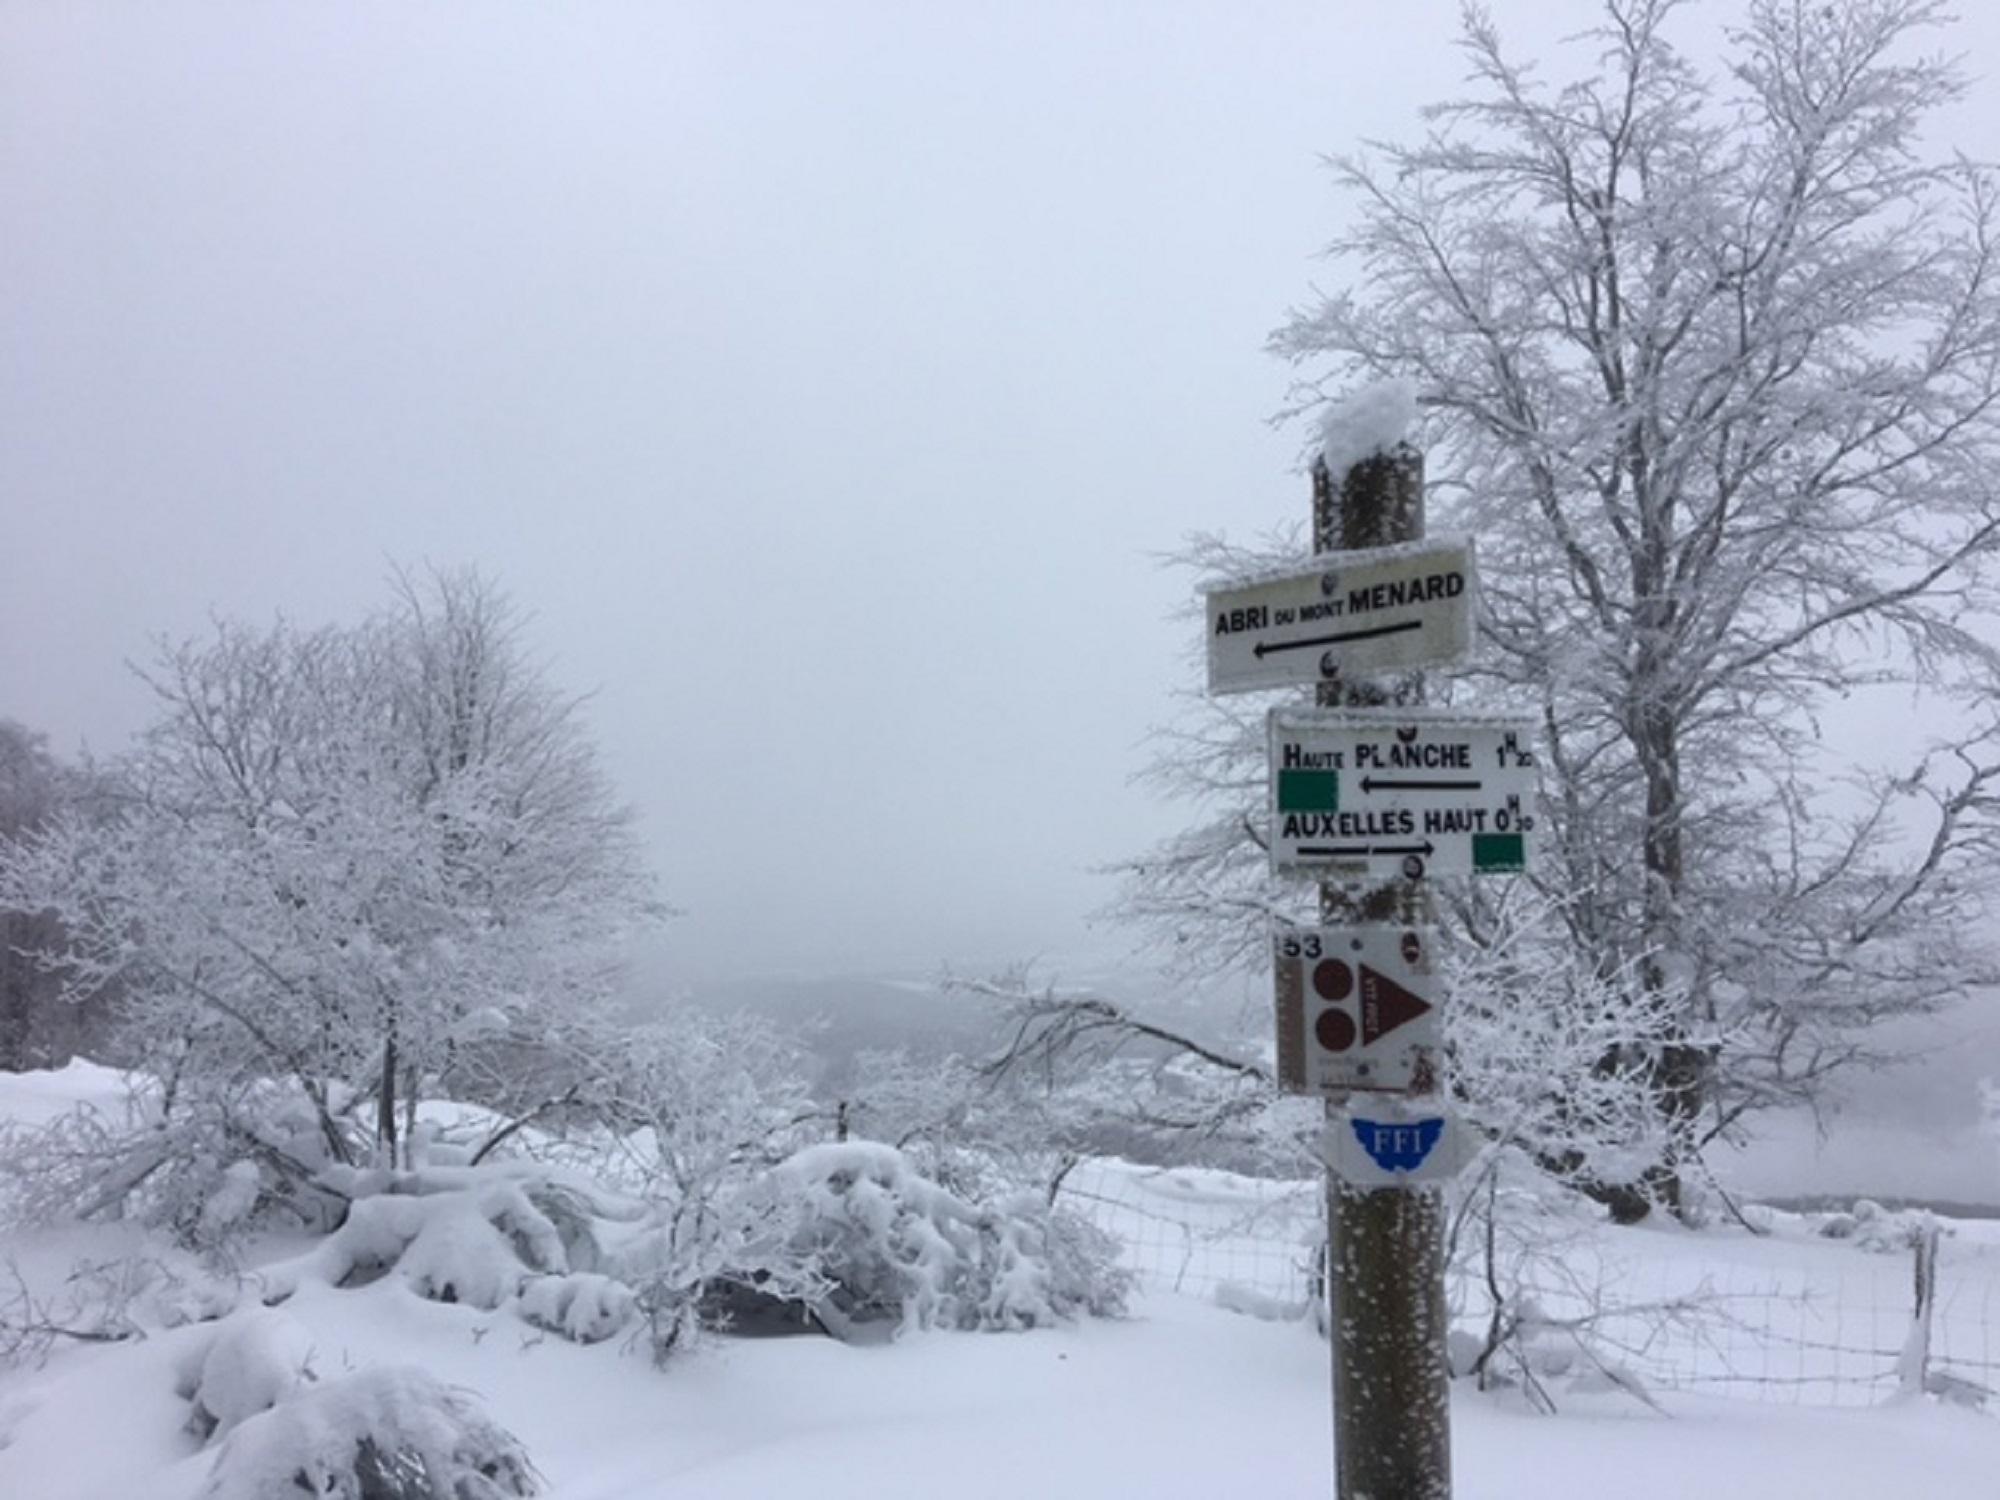 L'enneigement invite aux randonnées à raquettes ou à ski de randonnée, mais en restant prudent.